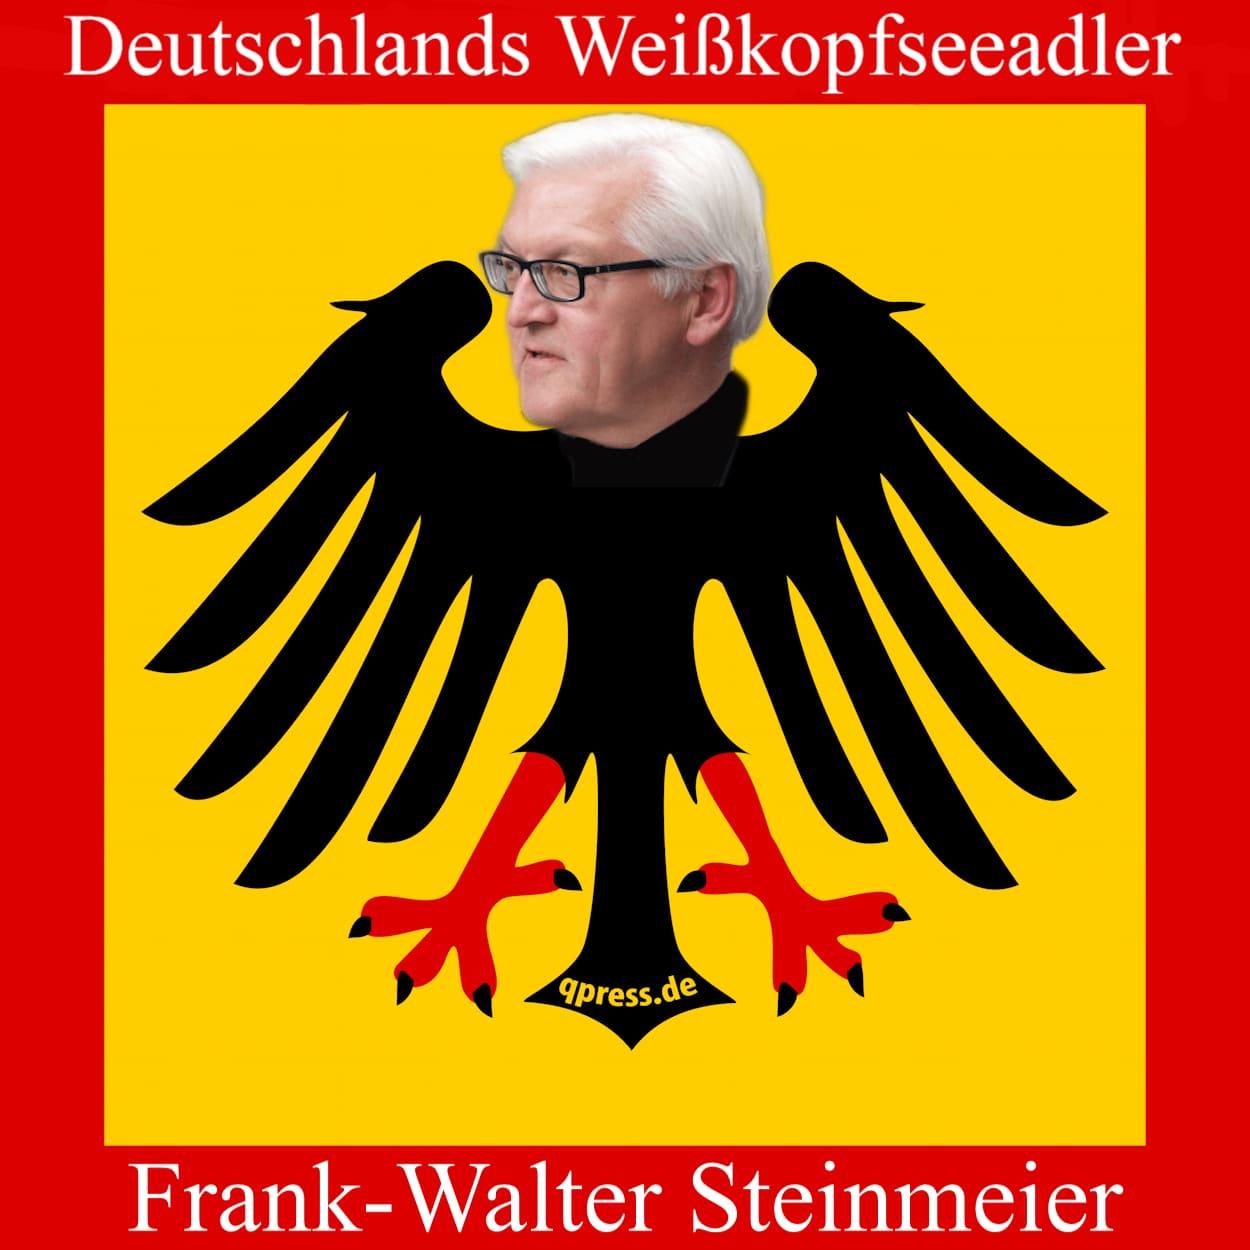 Frank-Walter-Steinmeier-Transatlantiker-transatlantische-Buendnistreue-Heuchelei-Heuchler-Schwafelpraesident-Kritisches-Netzwerk-Weisskopfseeadler-Kriegsrhetorik-Kriegstreiber